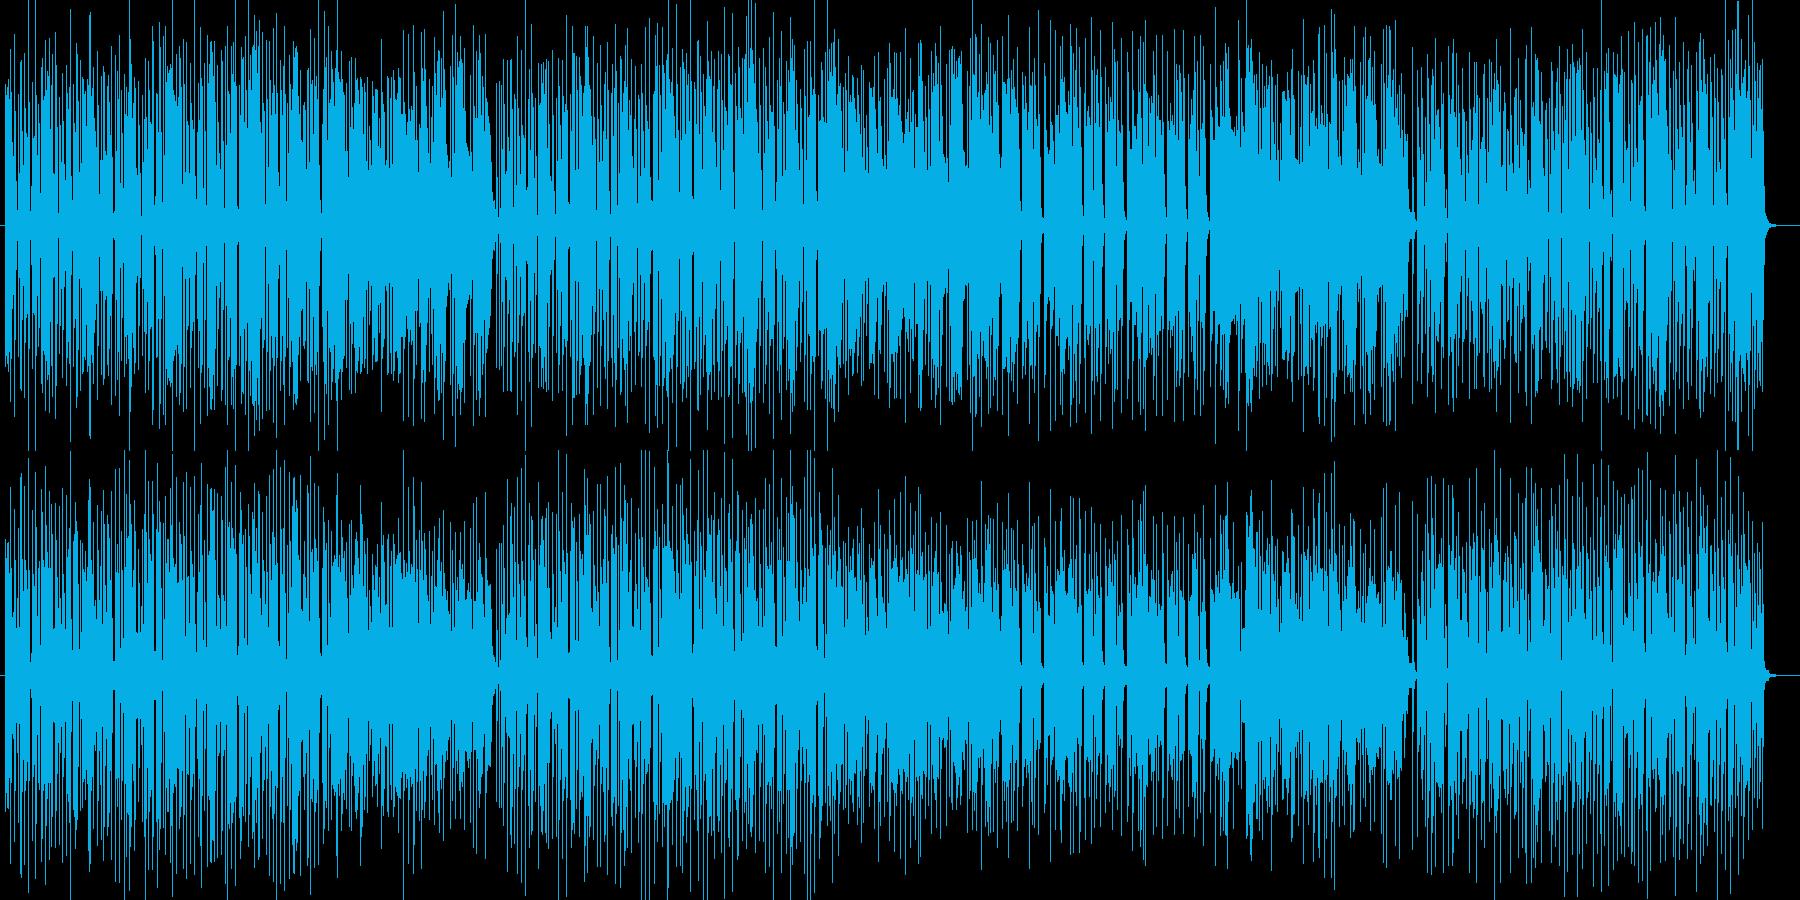 激しく躍動感のあるシンセポップの再生済みの波形